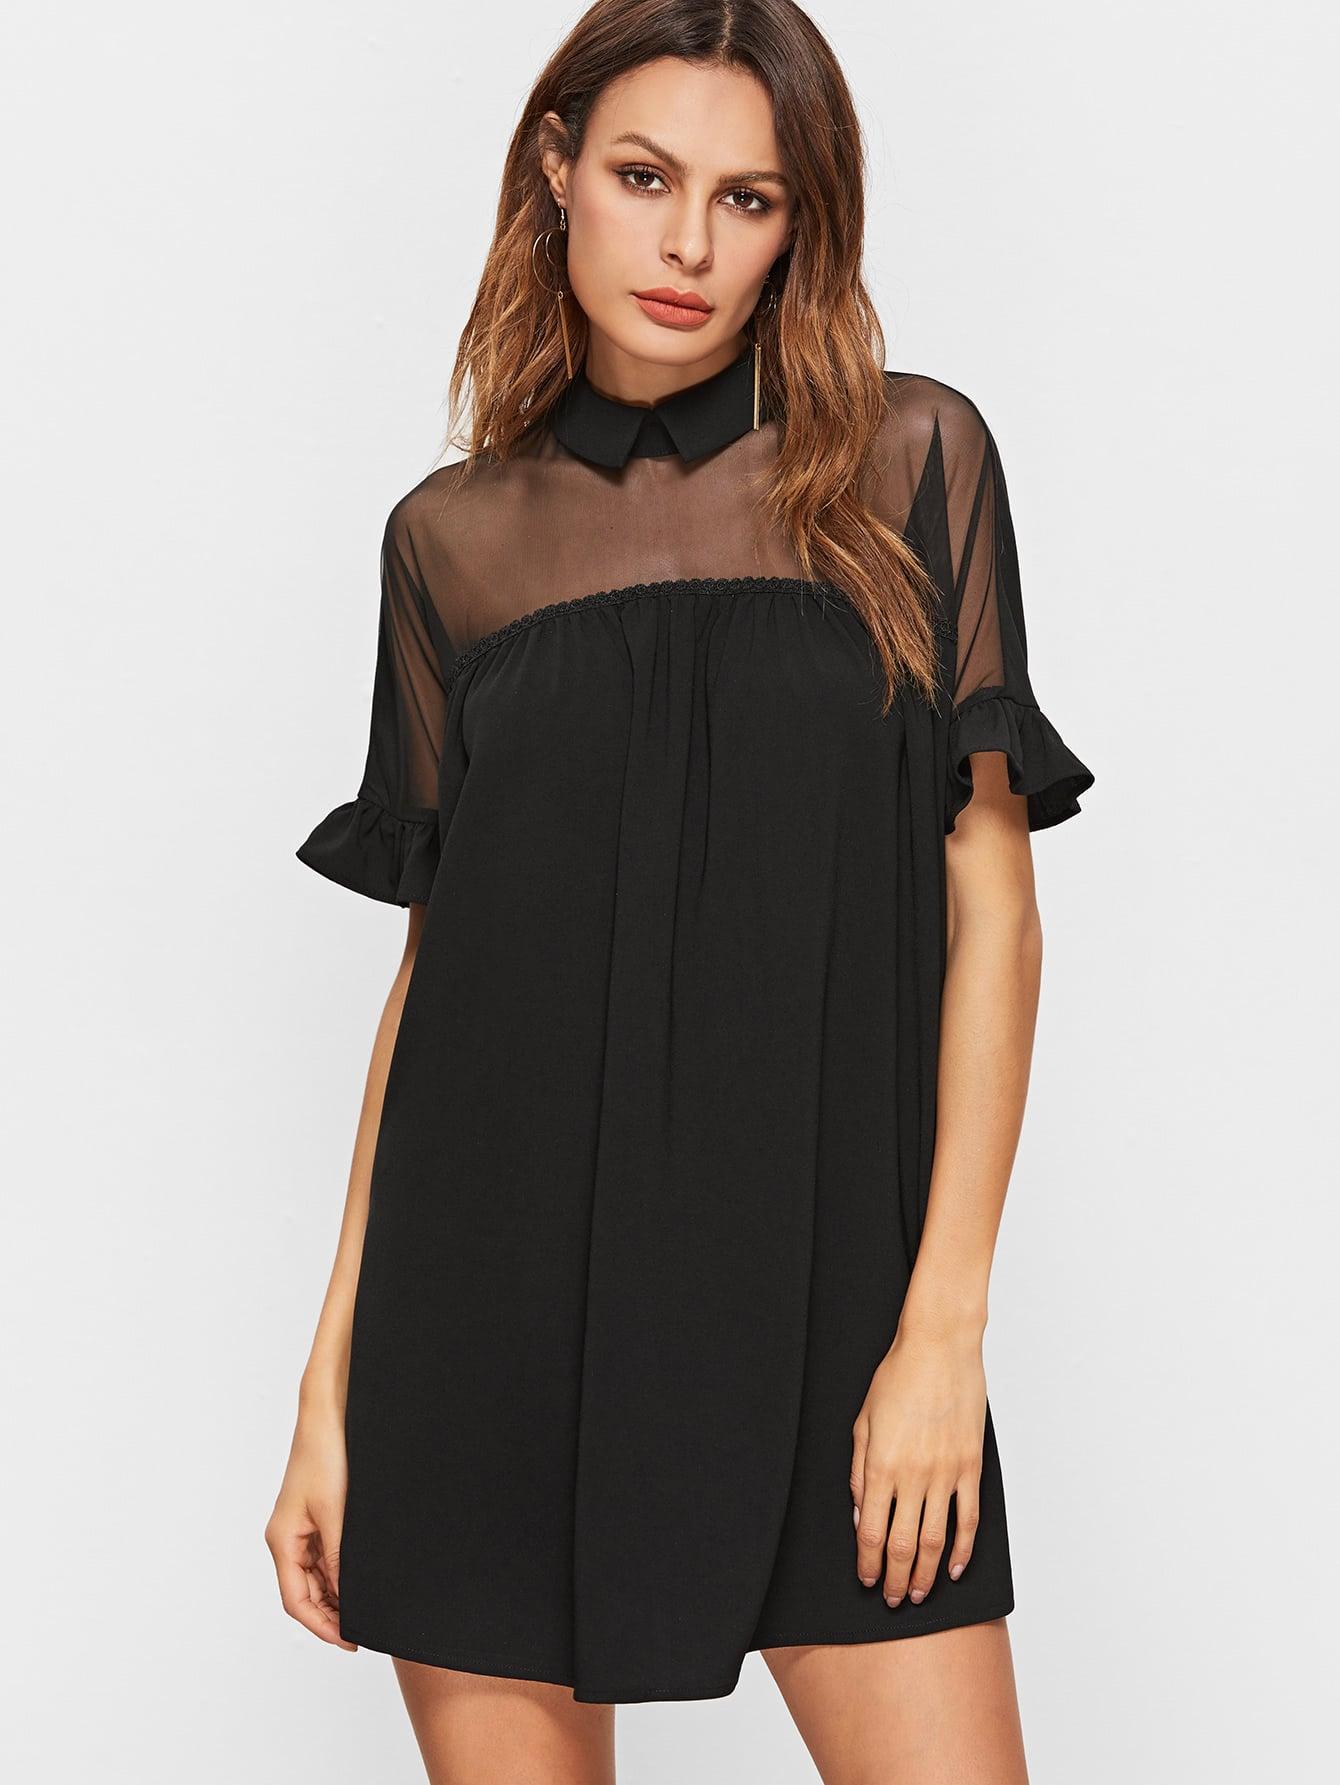 dress161205711_2